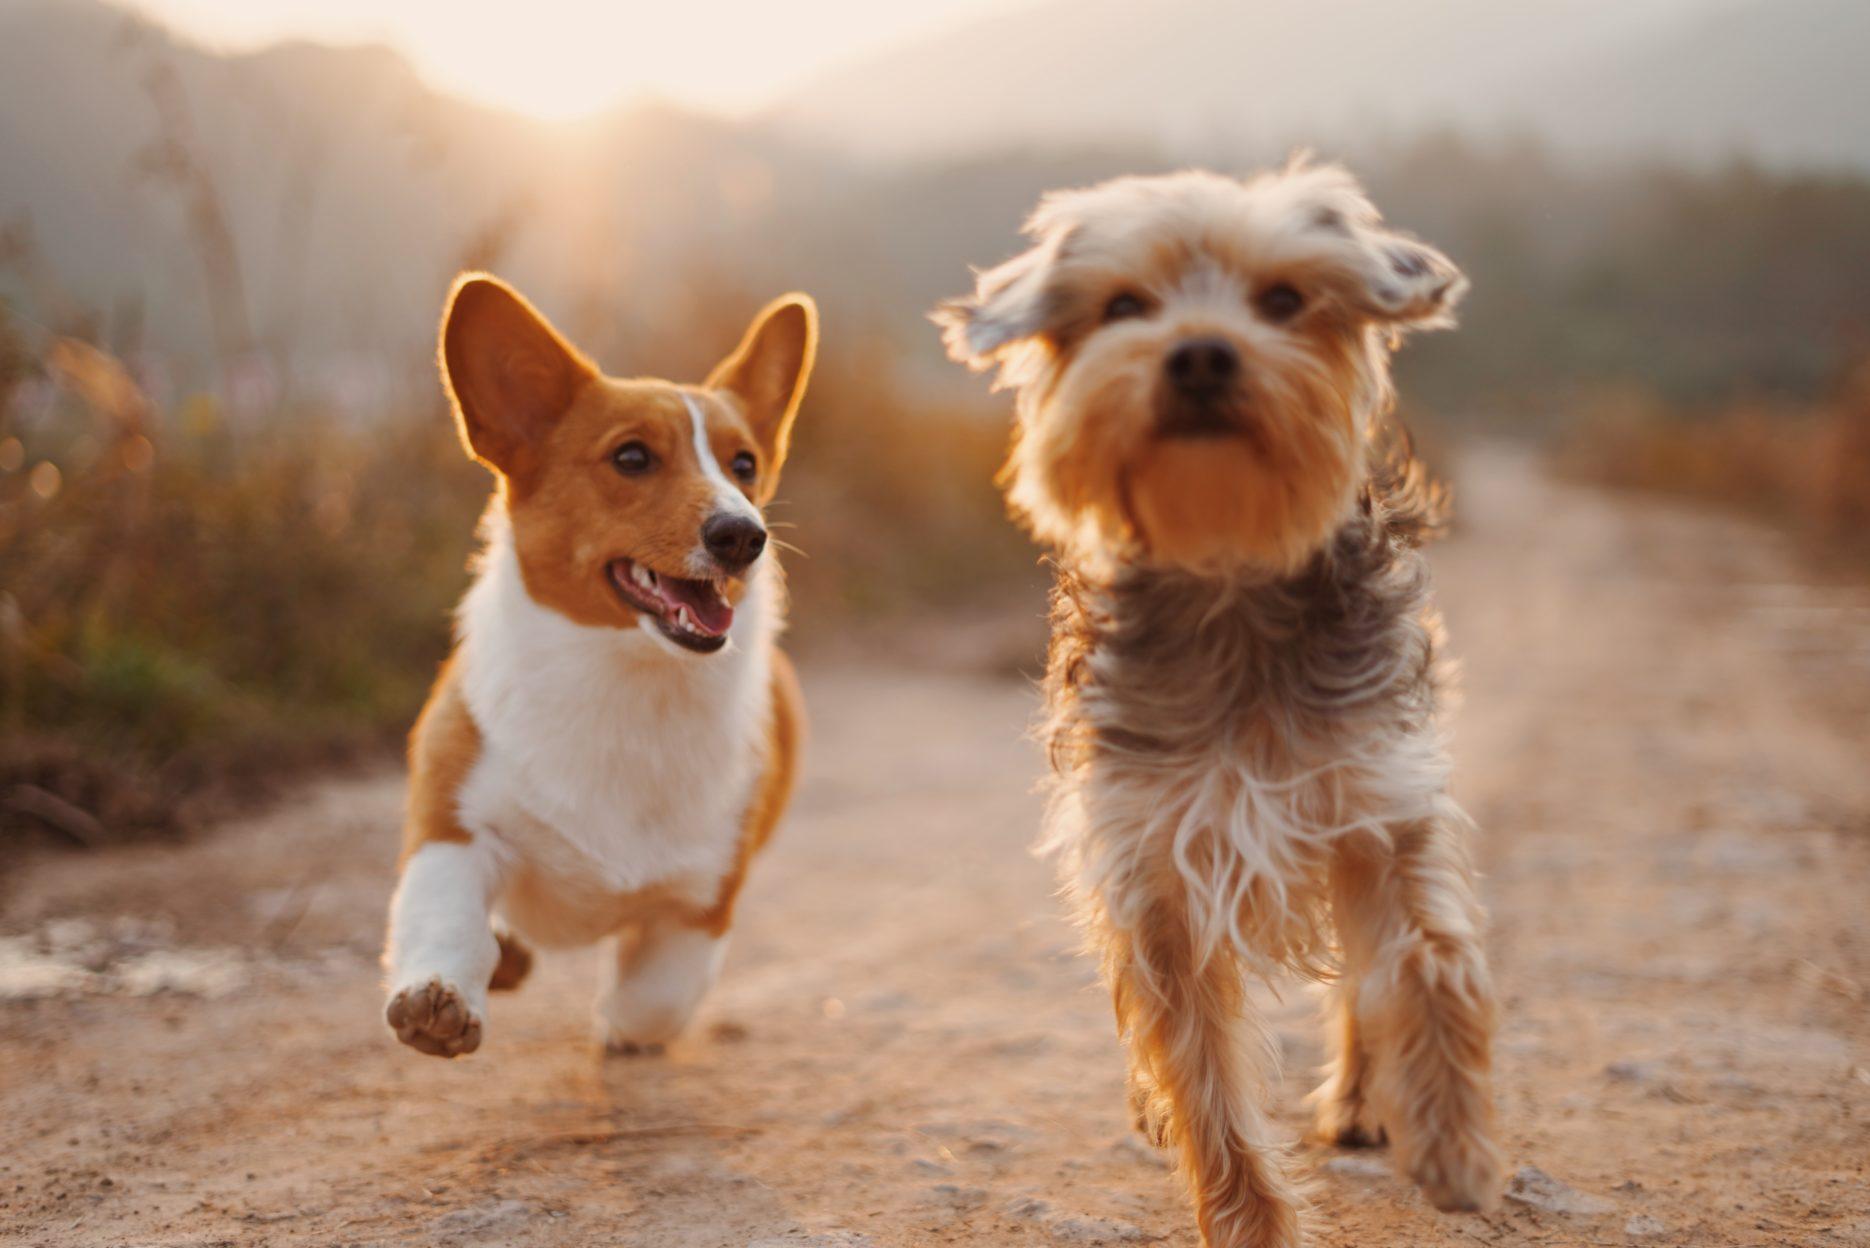 Dogs running through a field